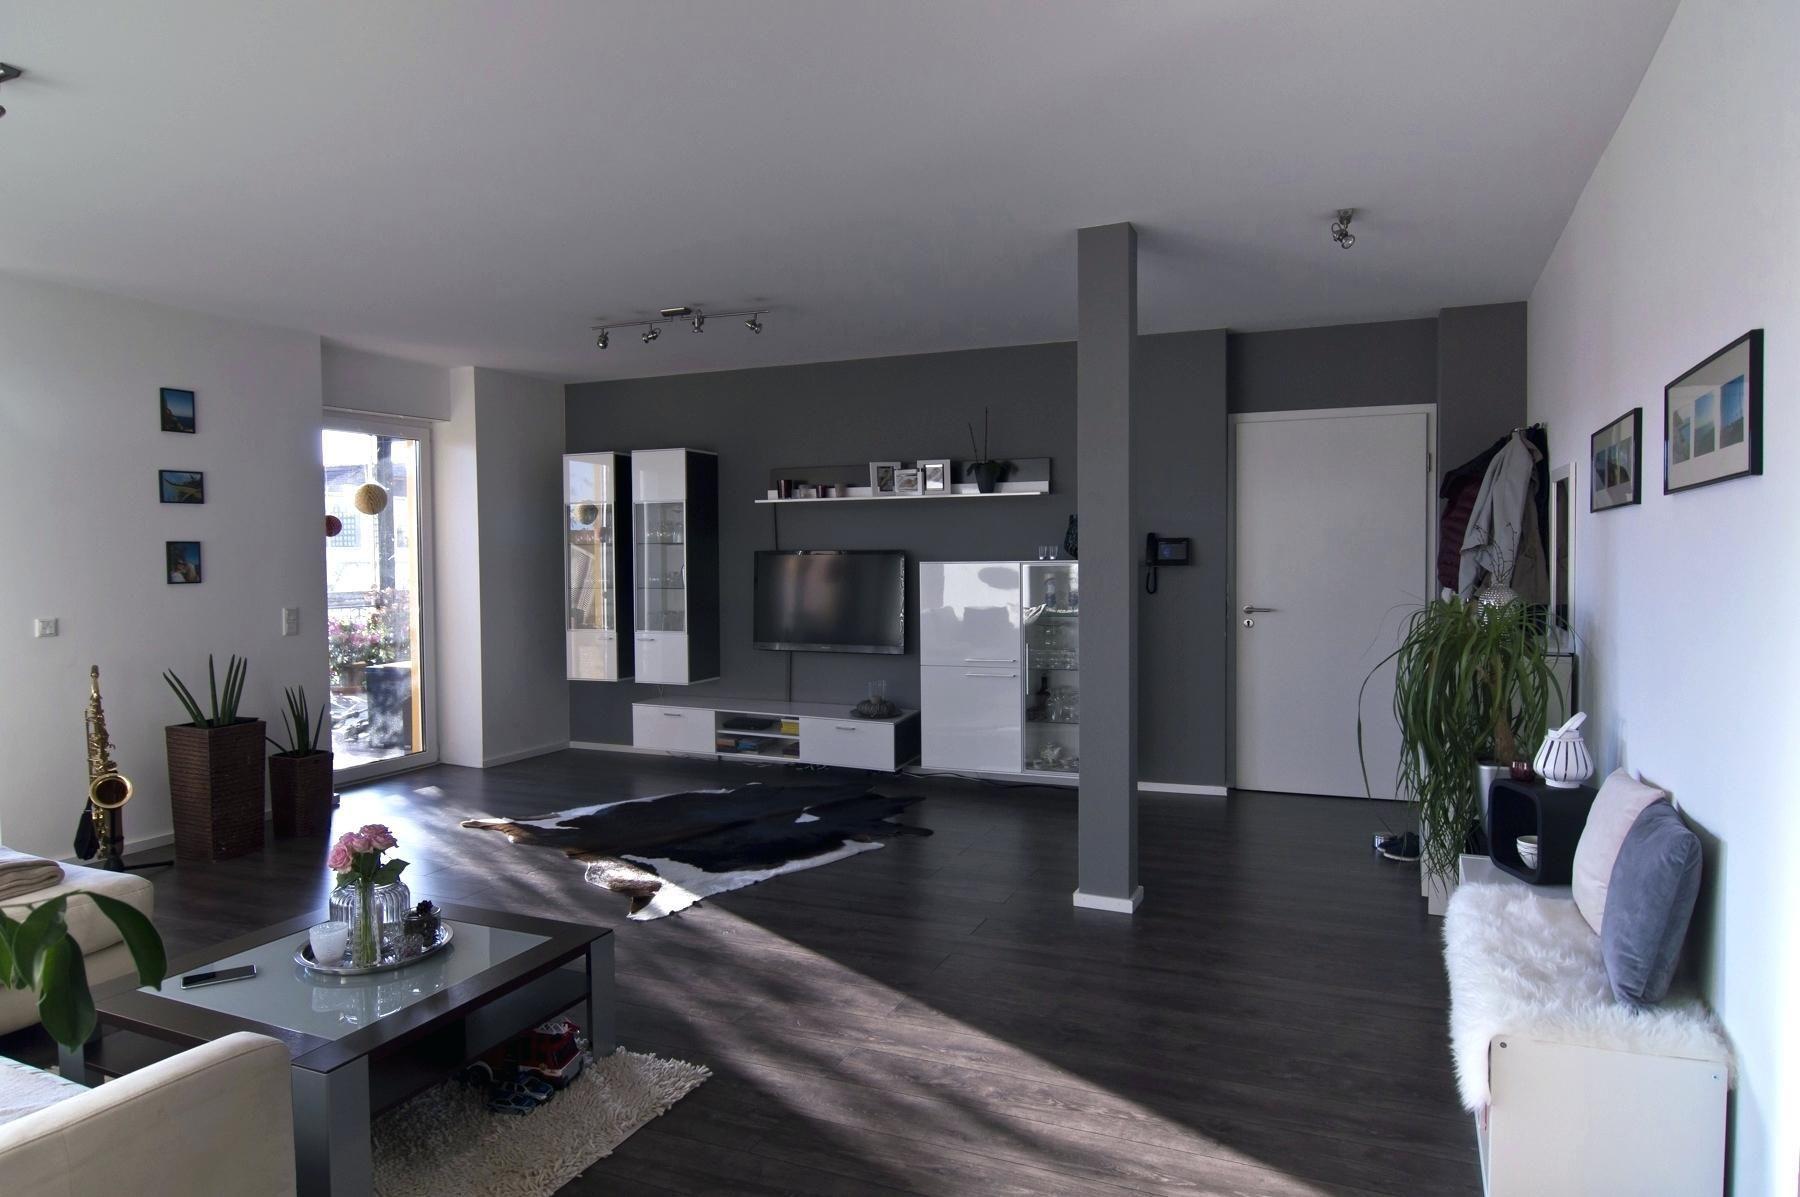 Kleines Wohnzimmer Modern Einrichten | Kleine Wohnung Modern Und #einrichten  #ideen #wohnzimmer